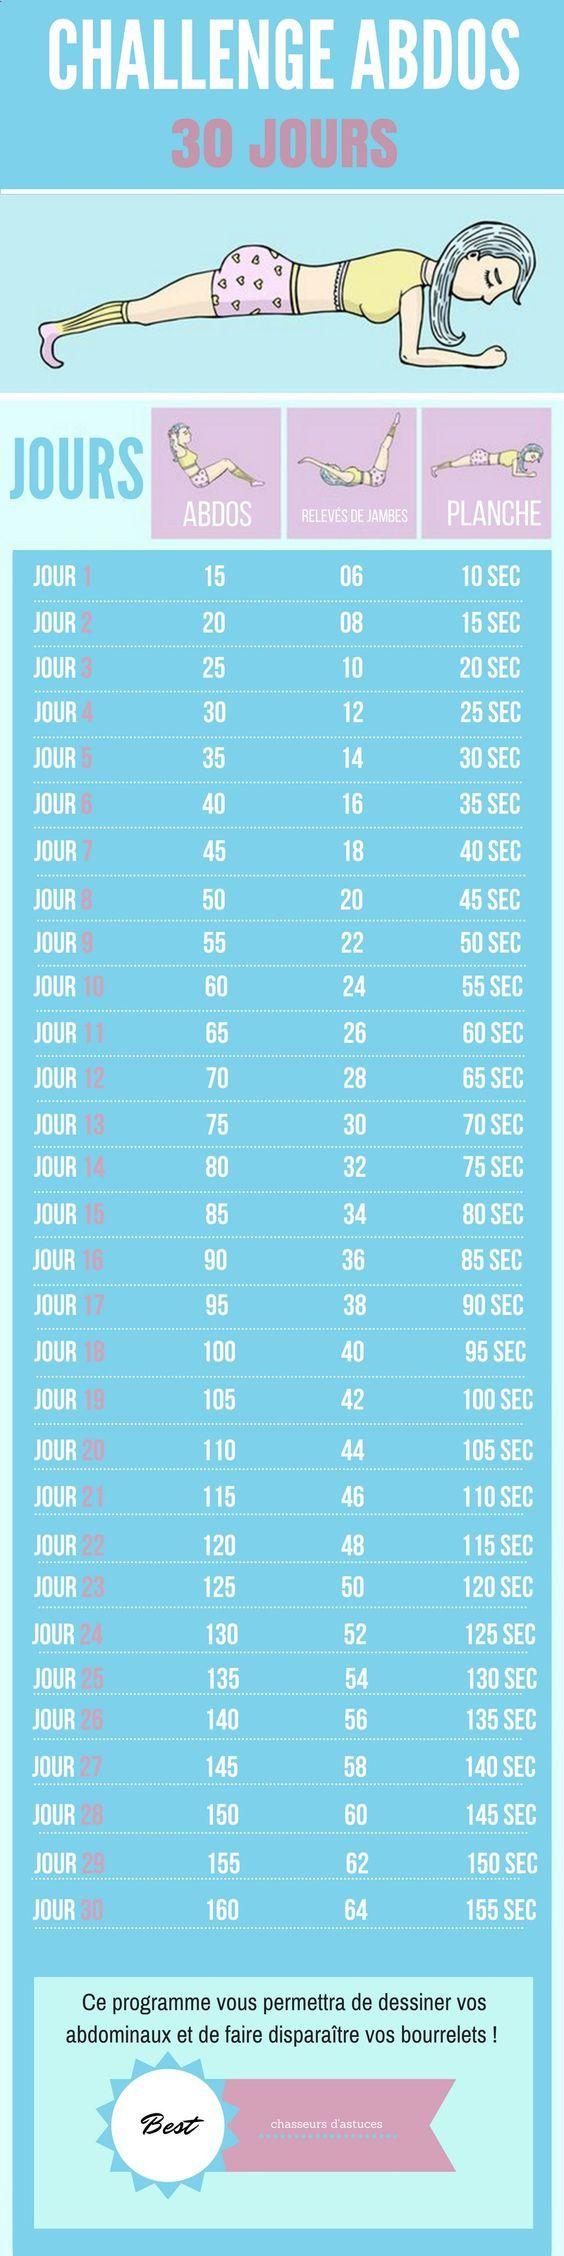 Relevez ce challenge pendant 30 jours et vous aurez des abdominaux en béton avec un ventre plat garanti !